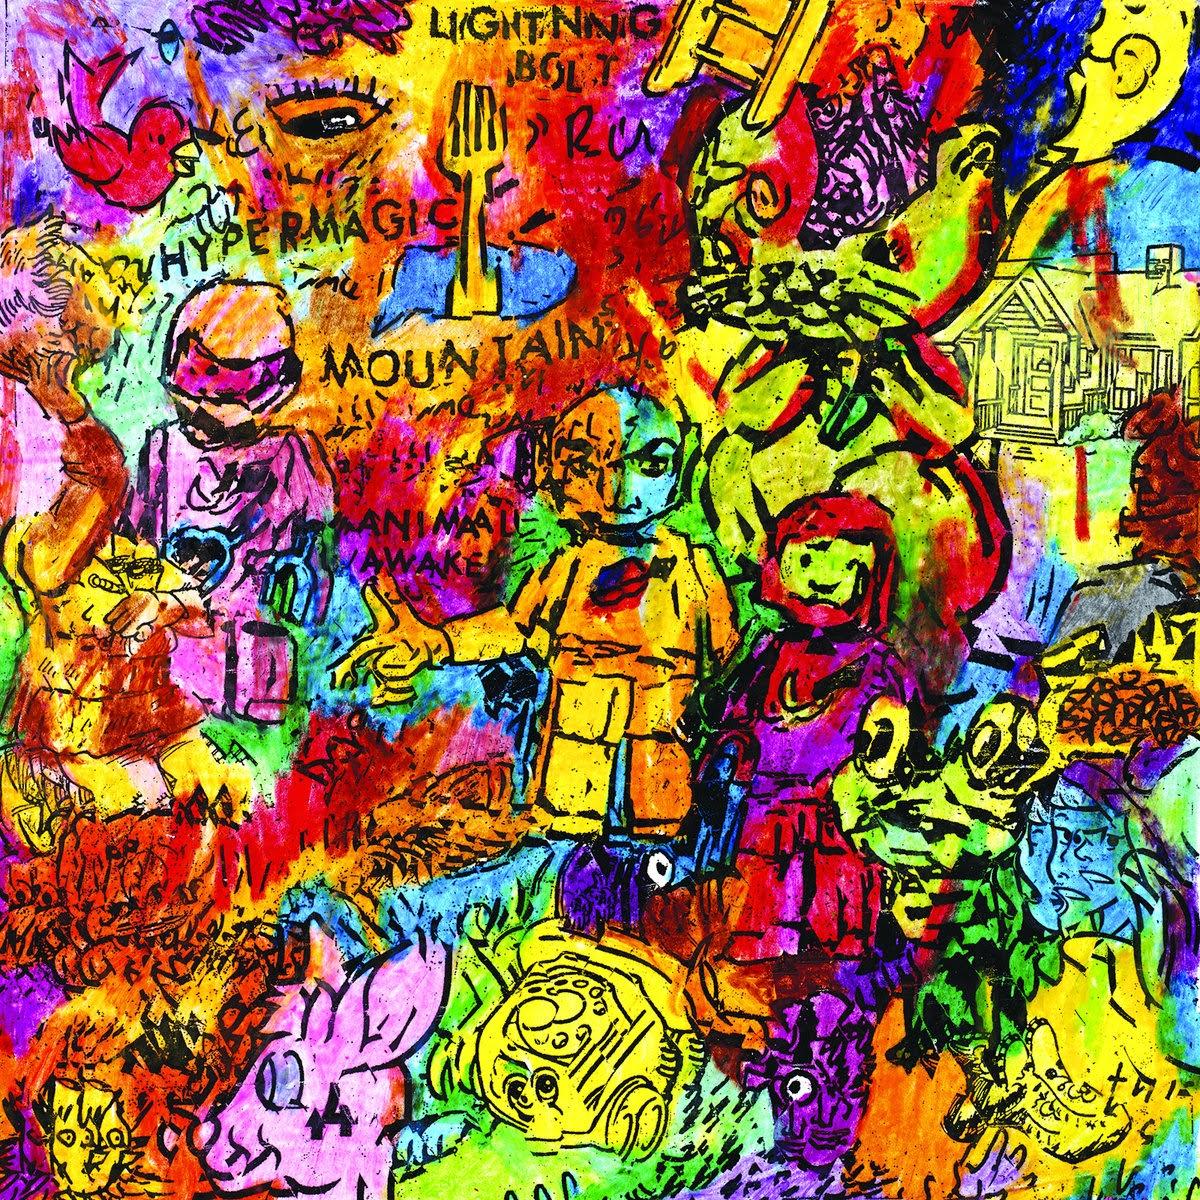 Album art for Hypermagic Mountain by Lightning Bolt